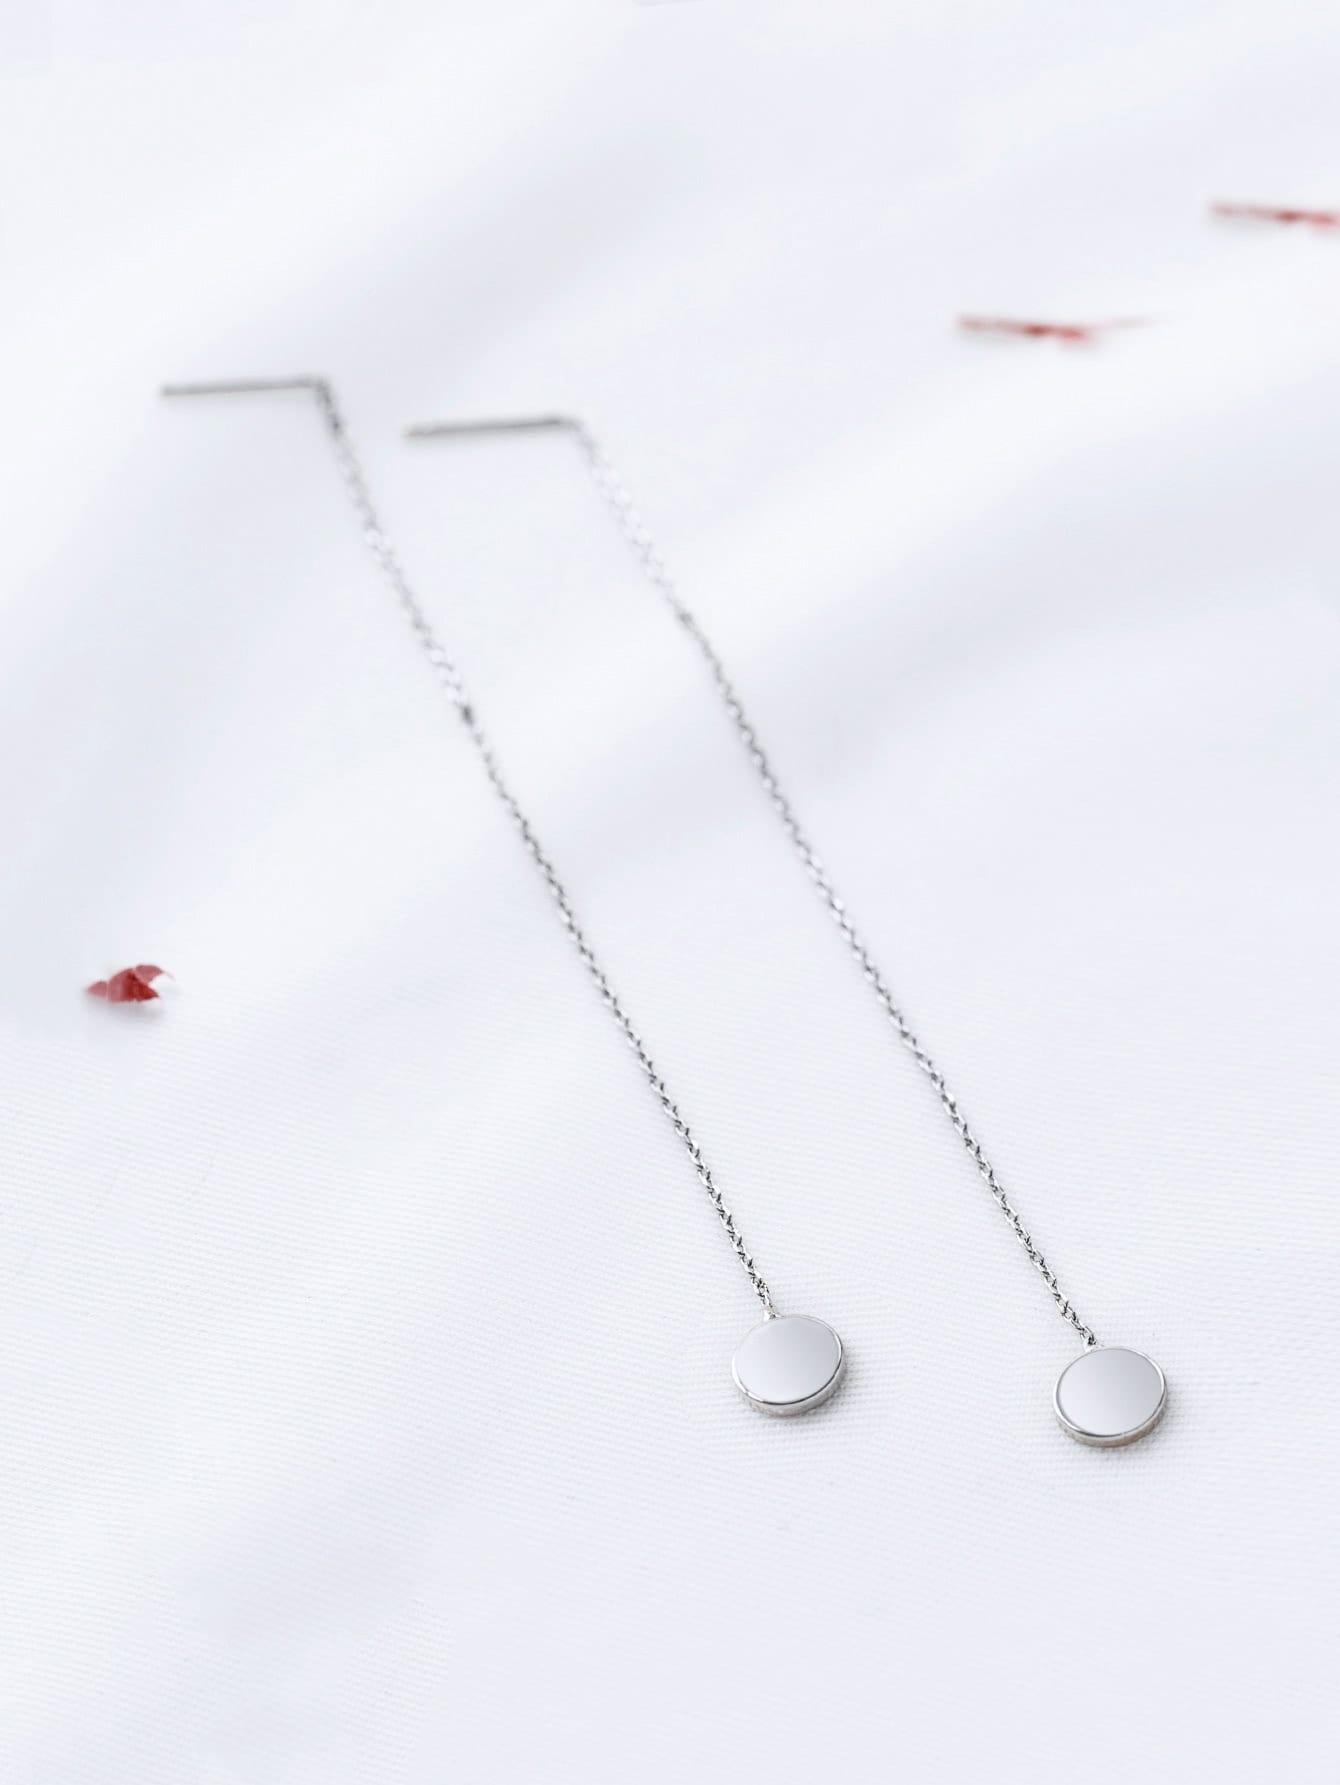 Silver Chain Strand Drop Earrings silver plated bar dangle drop earrings